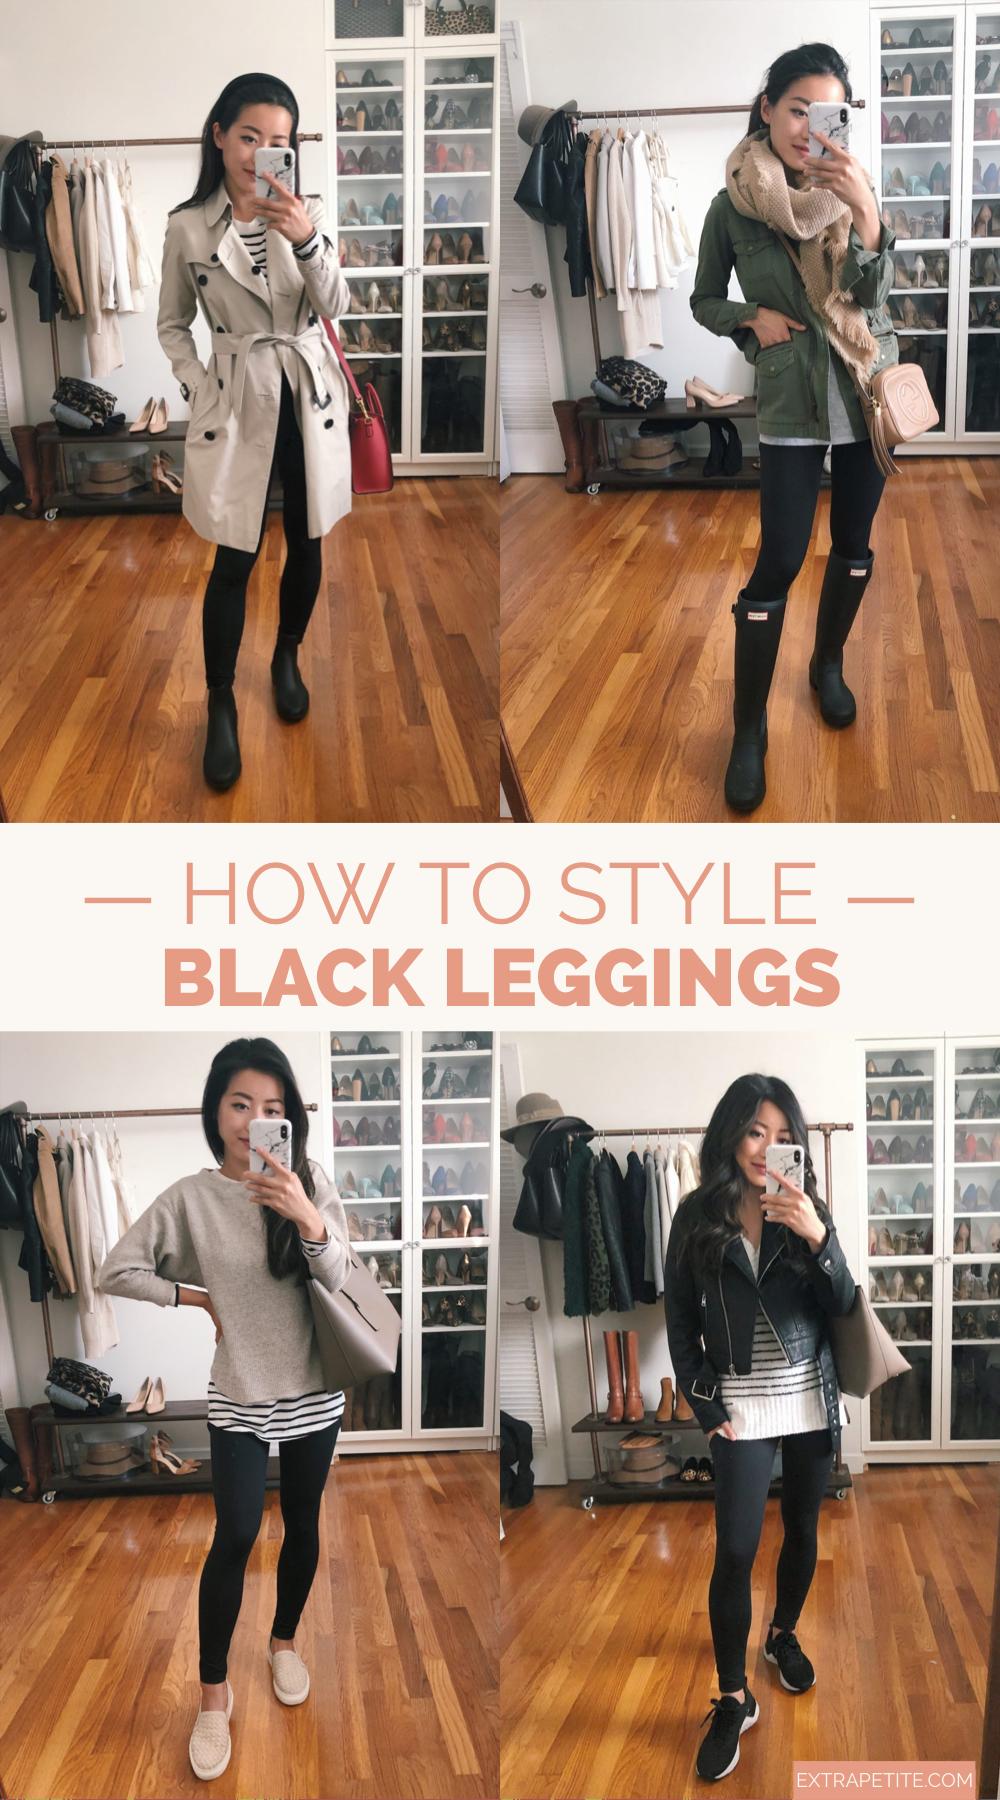 Photo of 5 maneiras de estilizar leggings pretas // Extra Petite